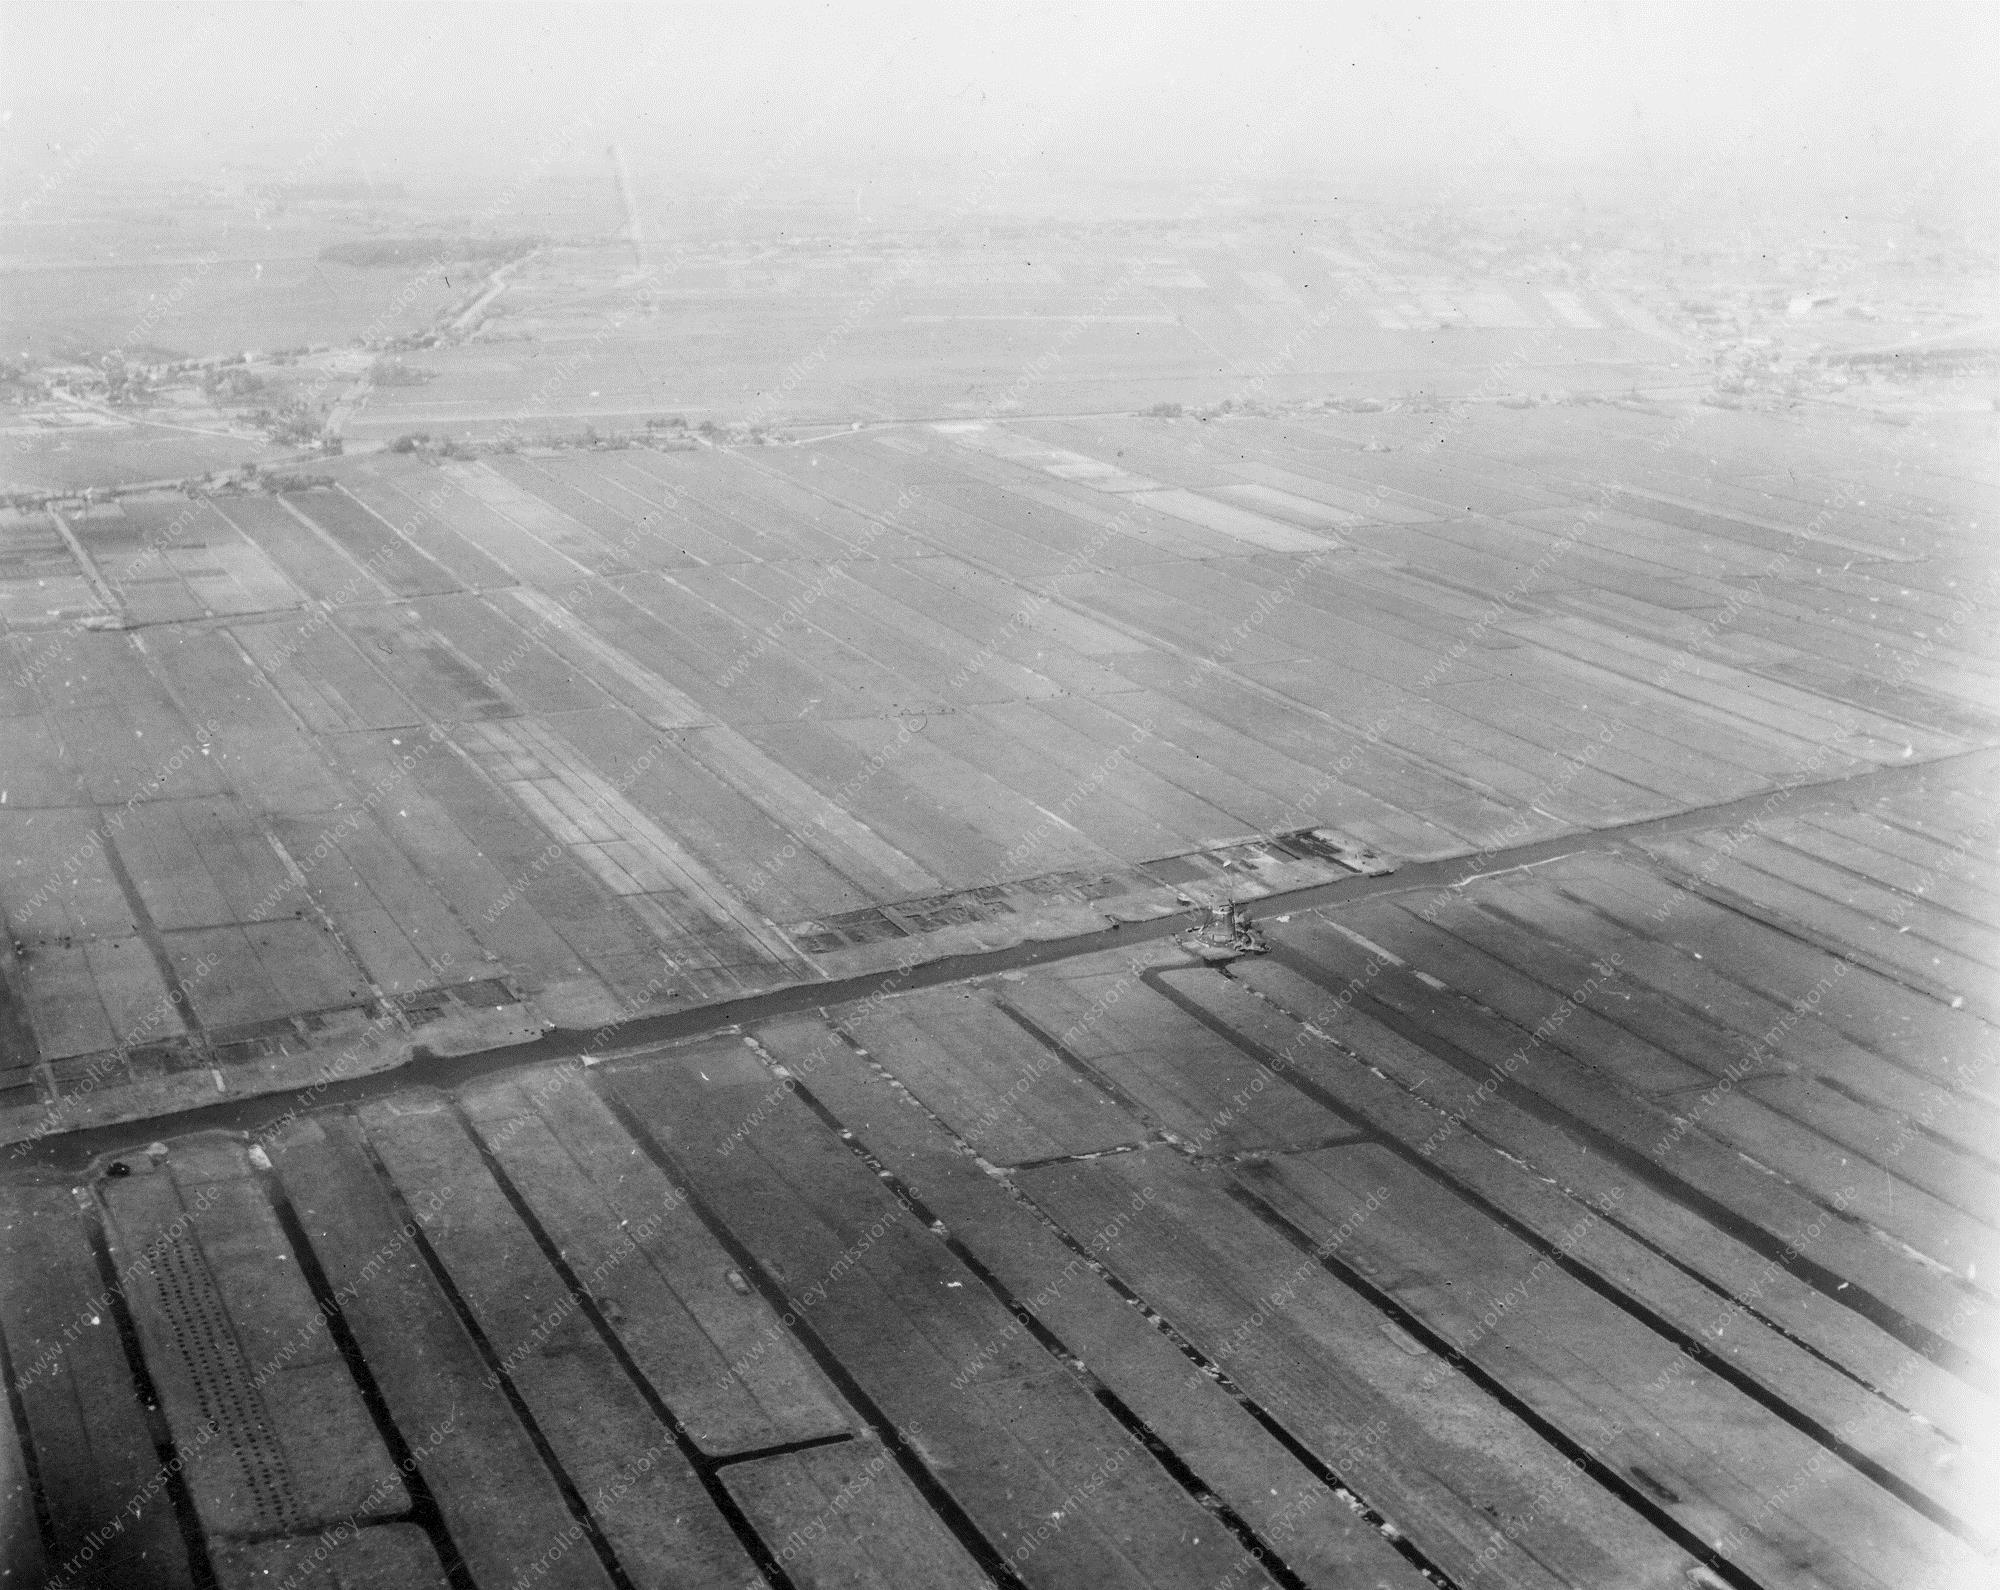 Unbekanntes Luftbild Poldergebiet vermutlich in Holland